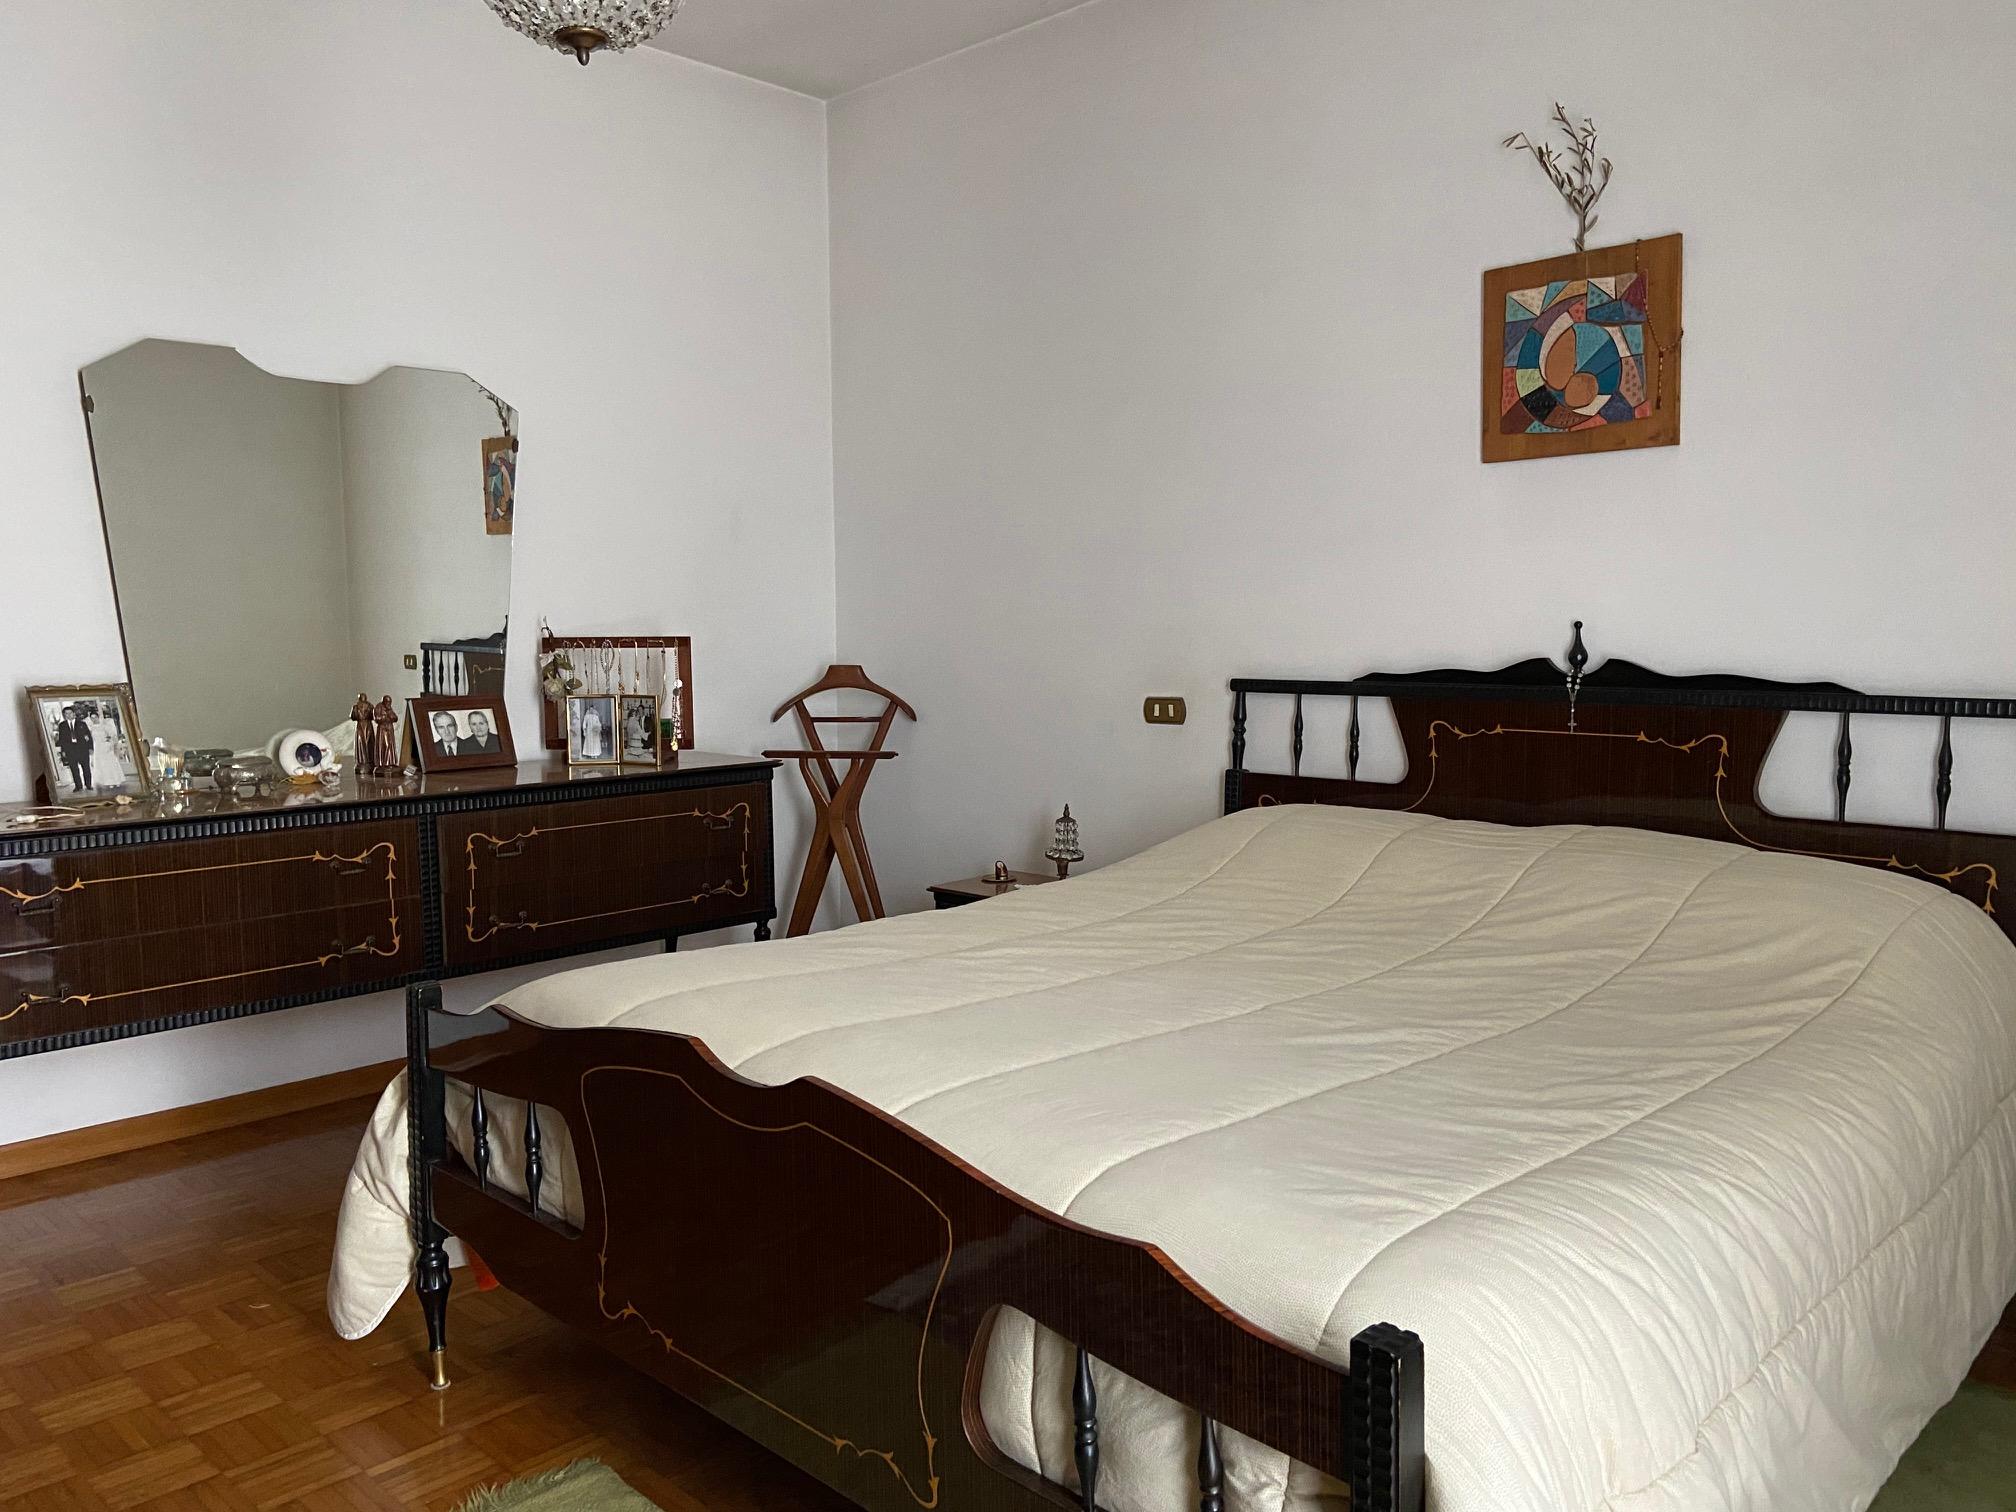 GATTEO, Loc.tà Sant'Angelo Casa indipendente degli anni 80 in ottimo stato, su lotto di 1900 mq e disposta su 3 Piani